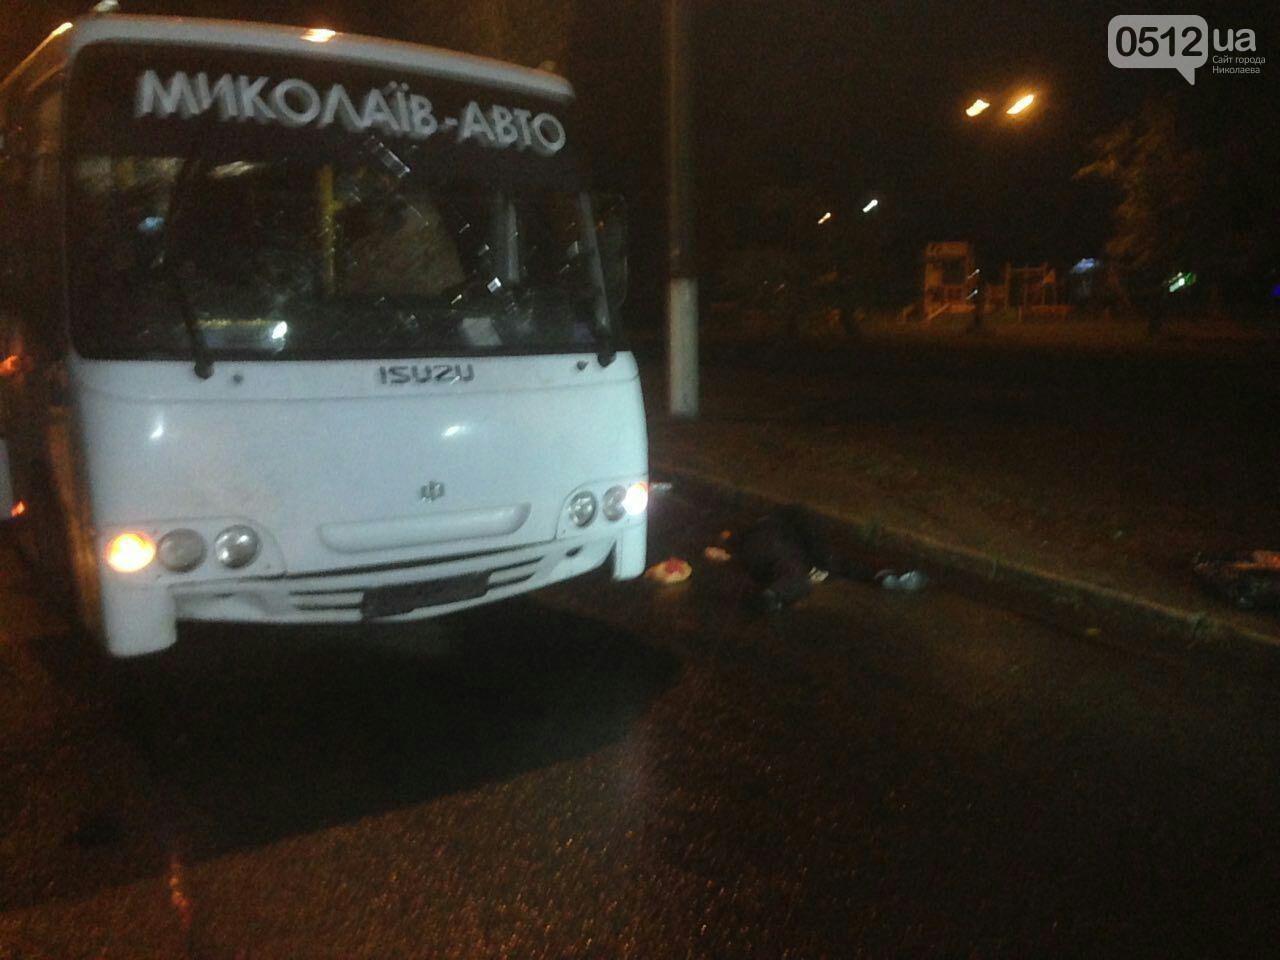 ВНиколаеве автобус насмерть сбил 2-х пешеходов